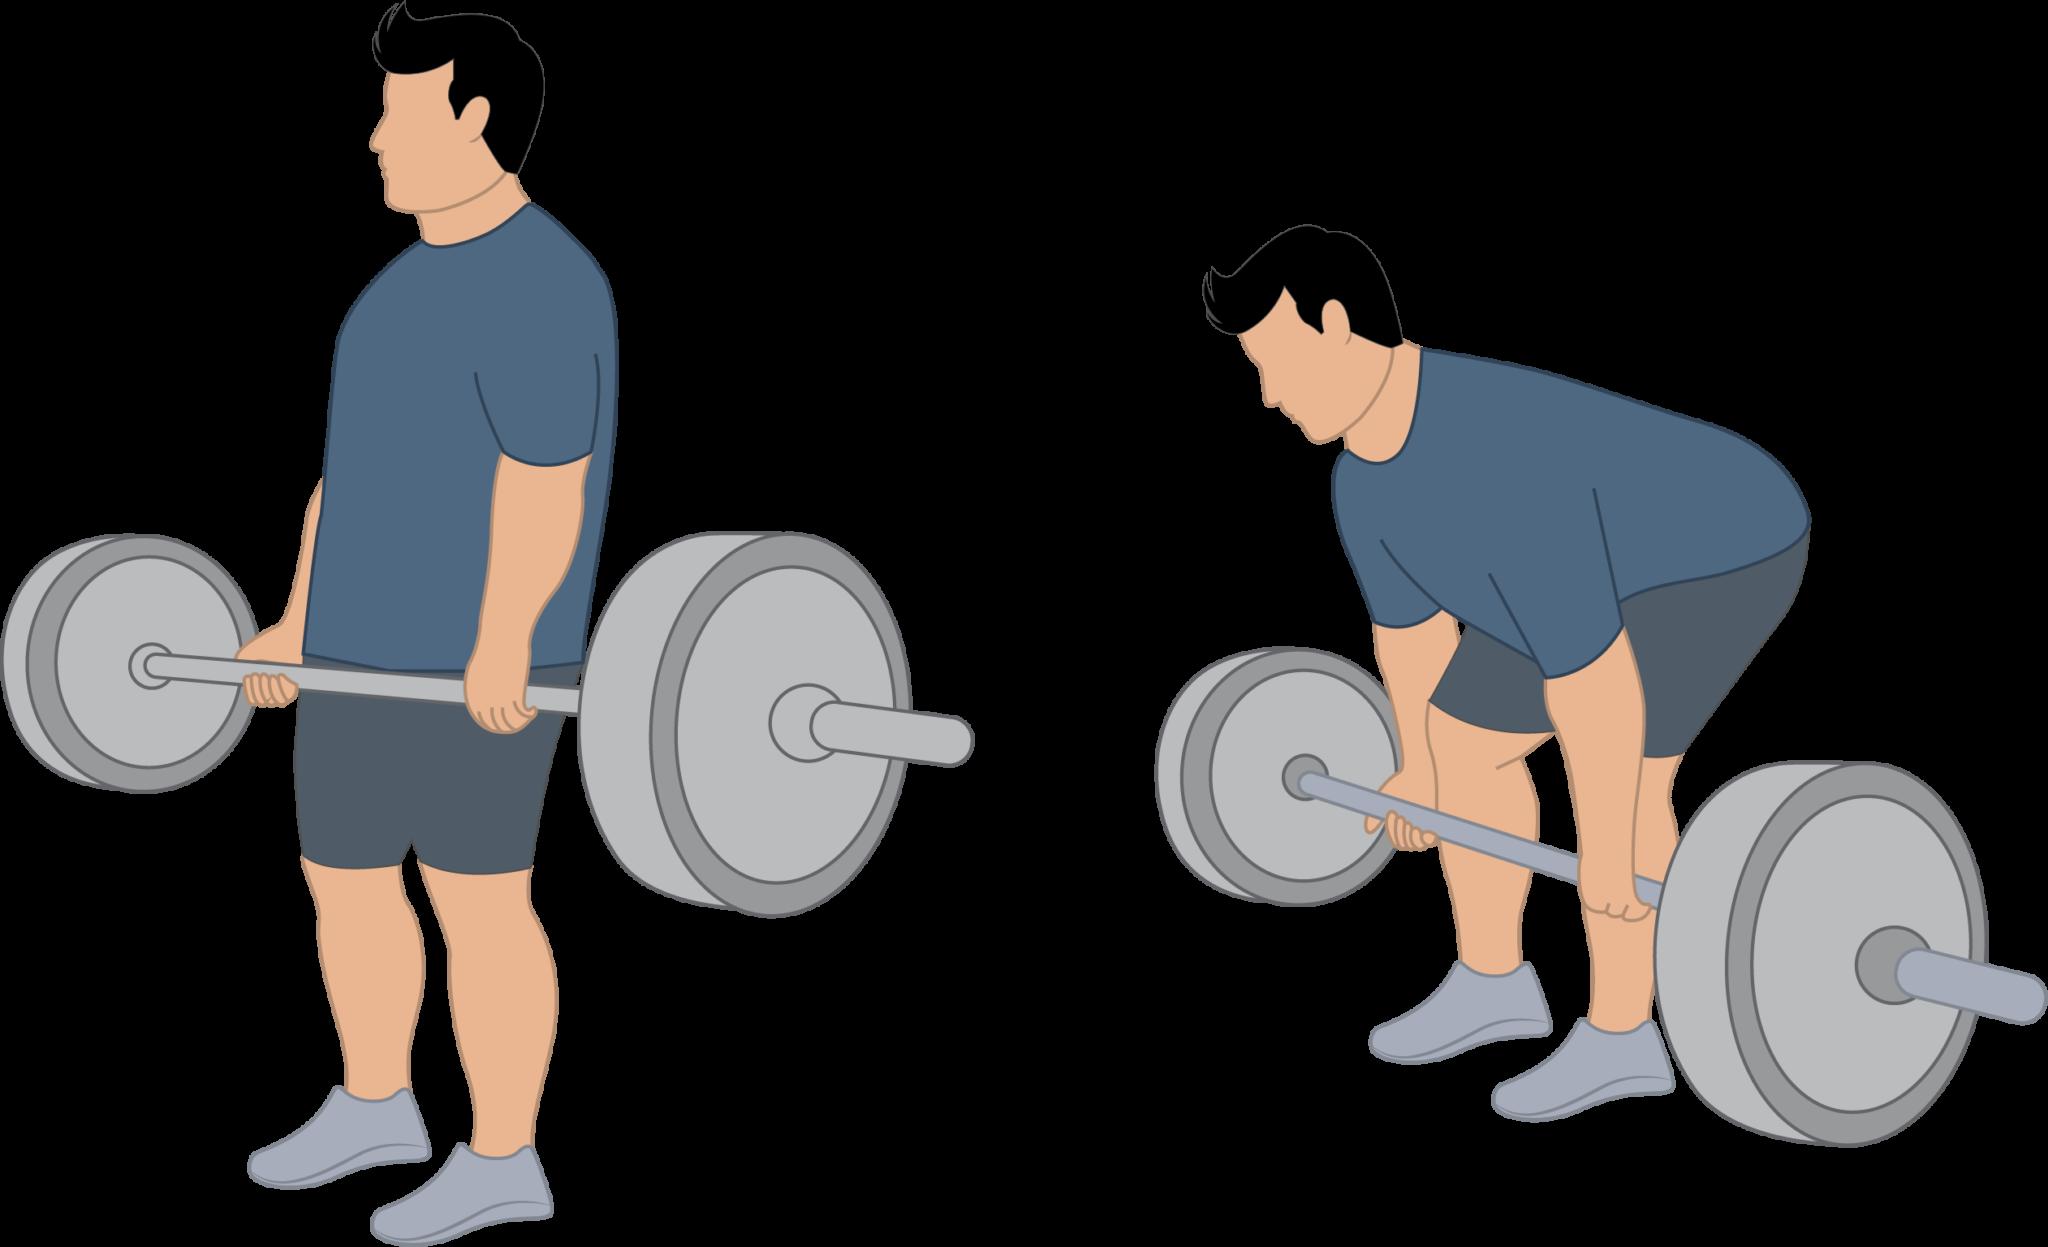 L'exercice du soulevé de terre pour les hanches